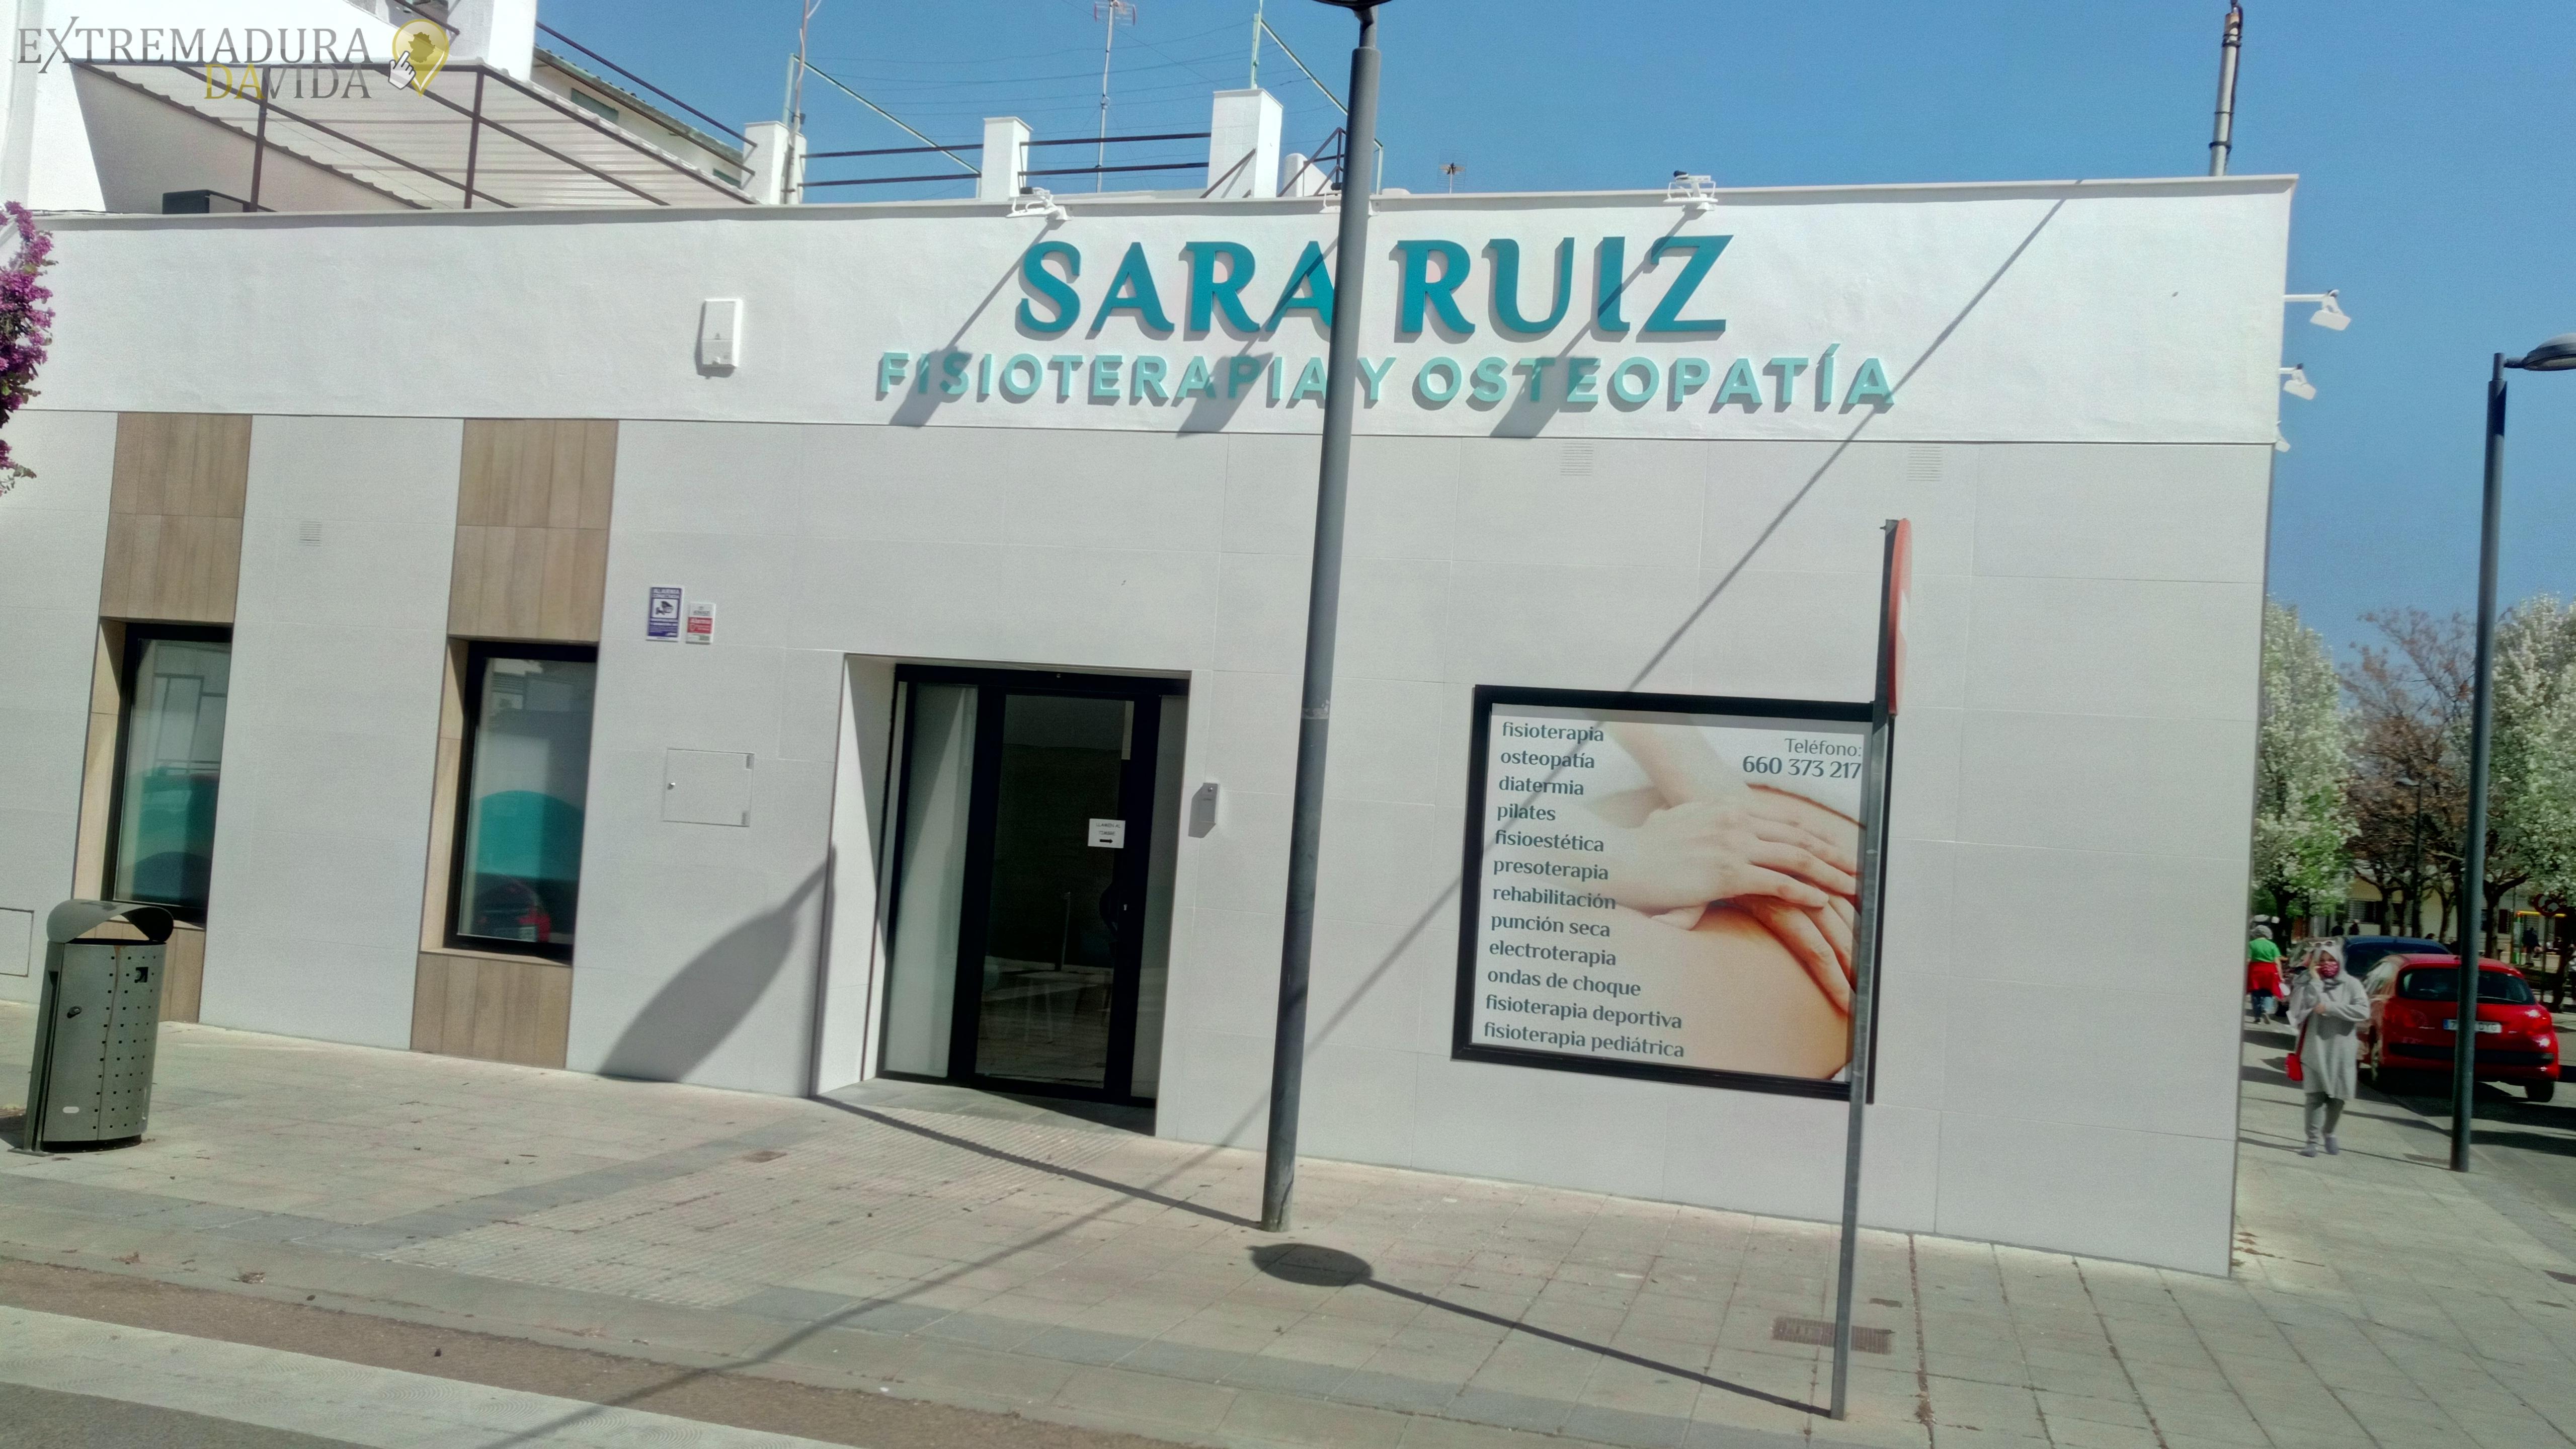 Fisio en Almendralejo Osteopatía Sara Ruiz